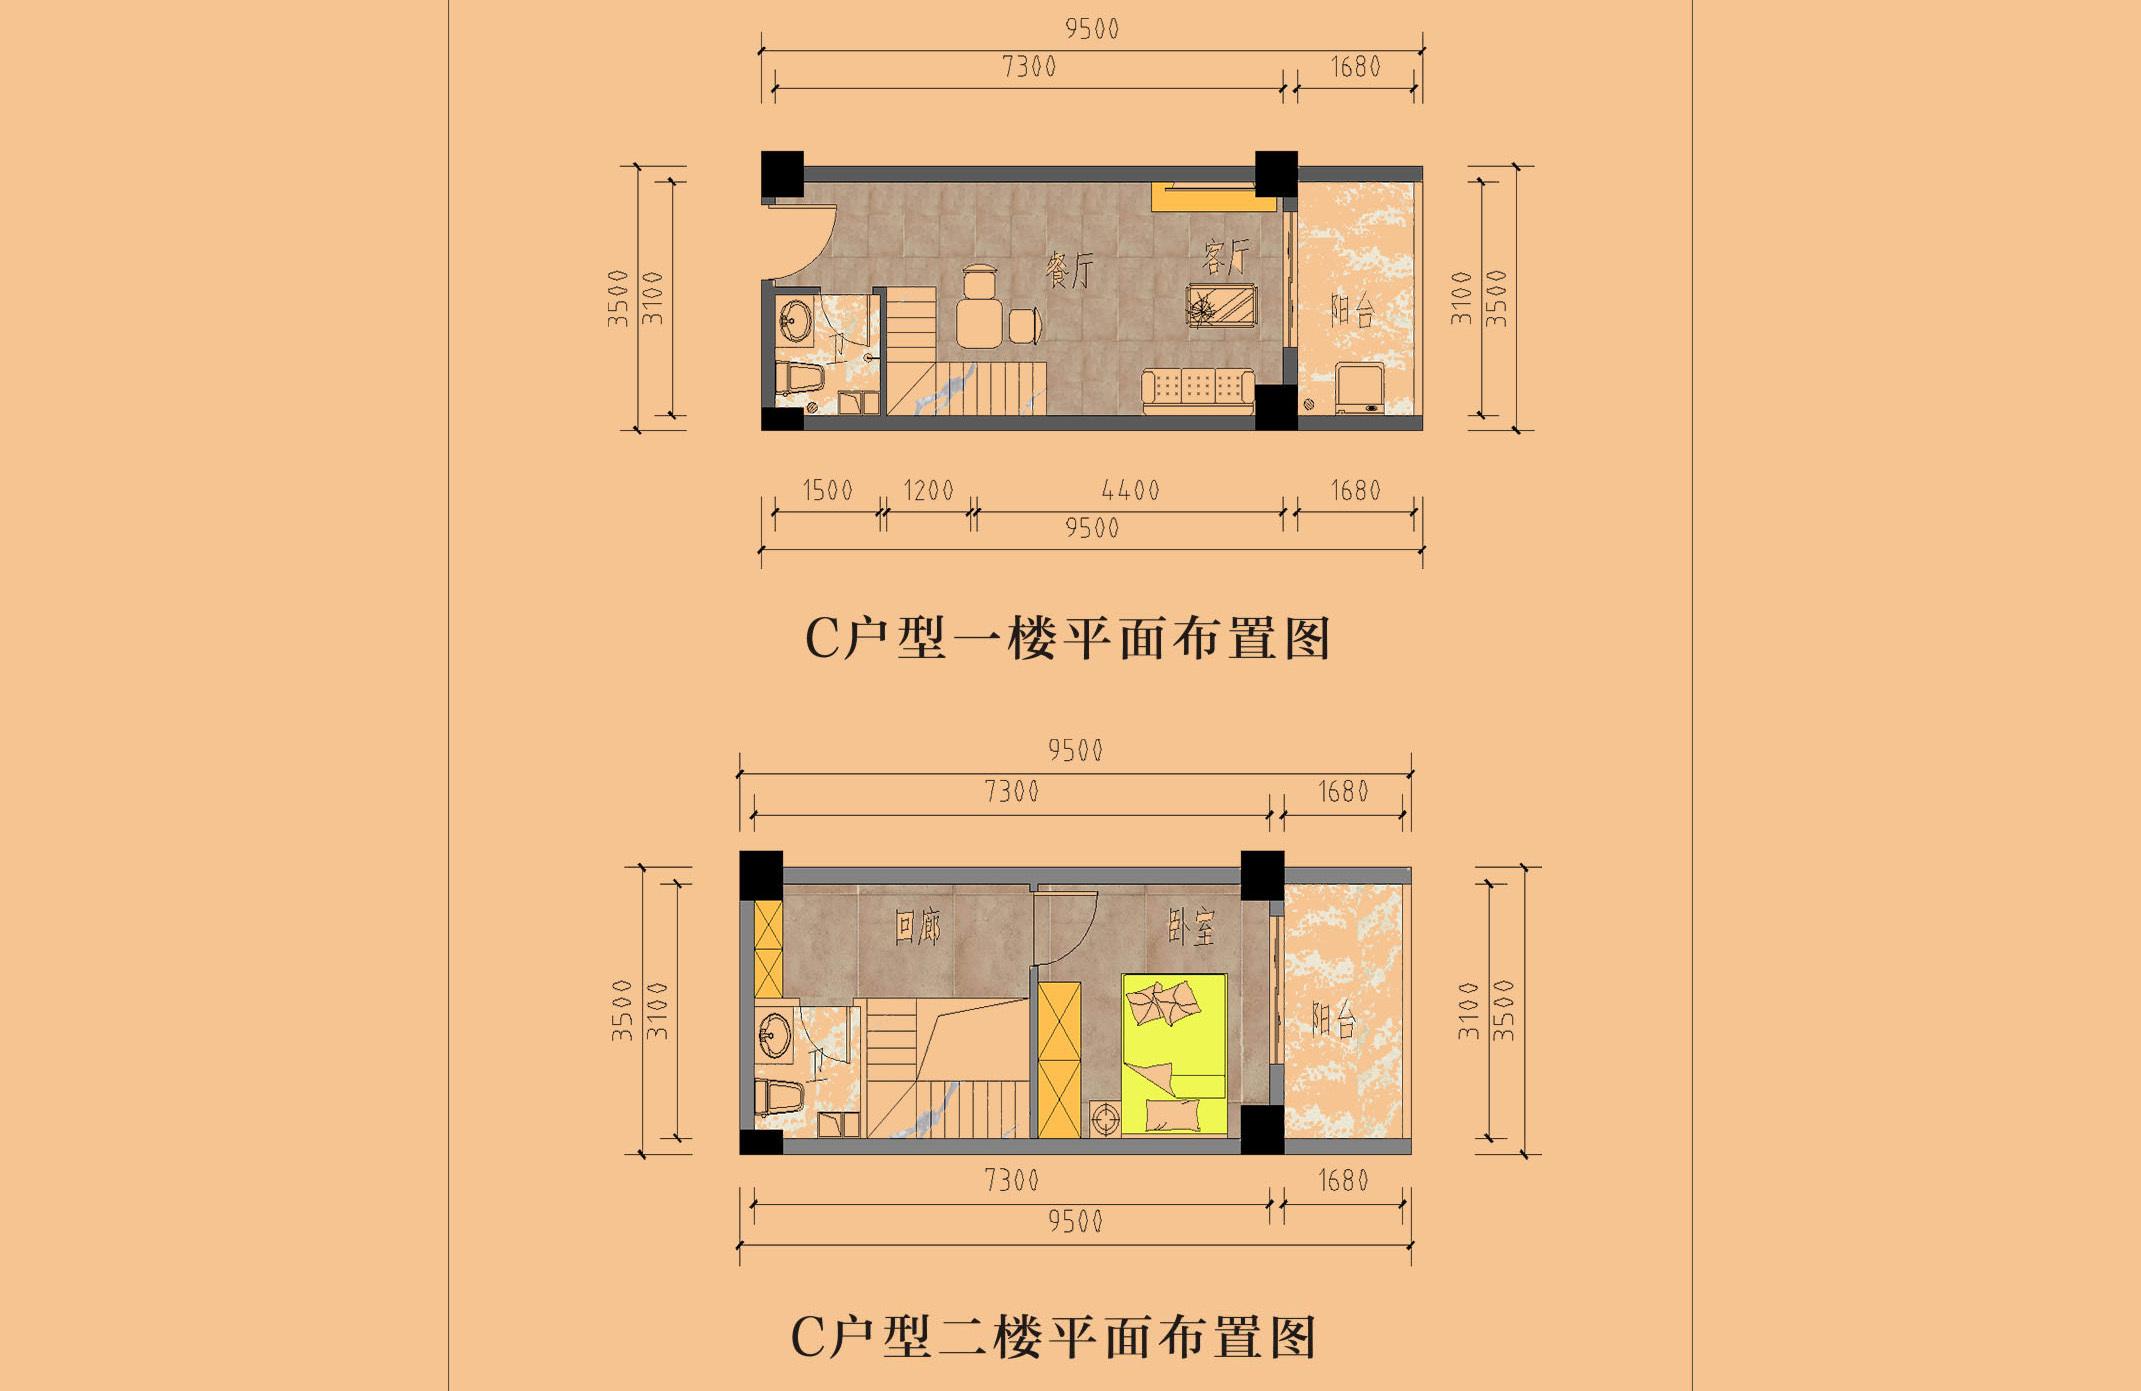 吉利大厦 C户型 1室1厅2卫1厨 建面36㎡